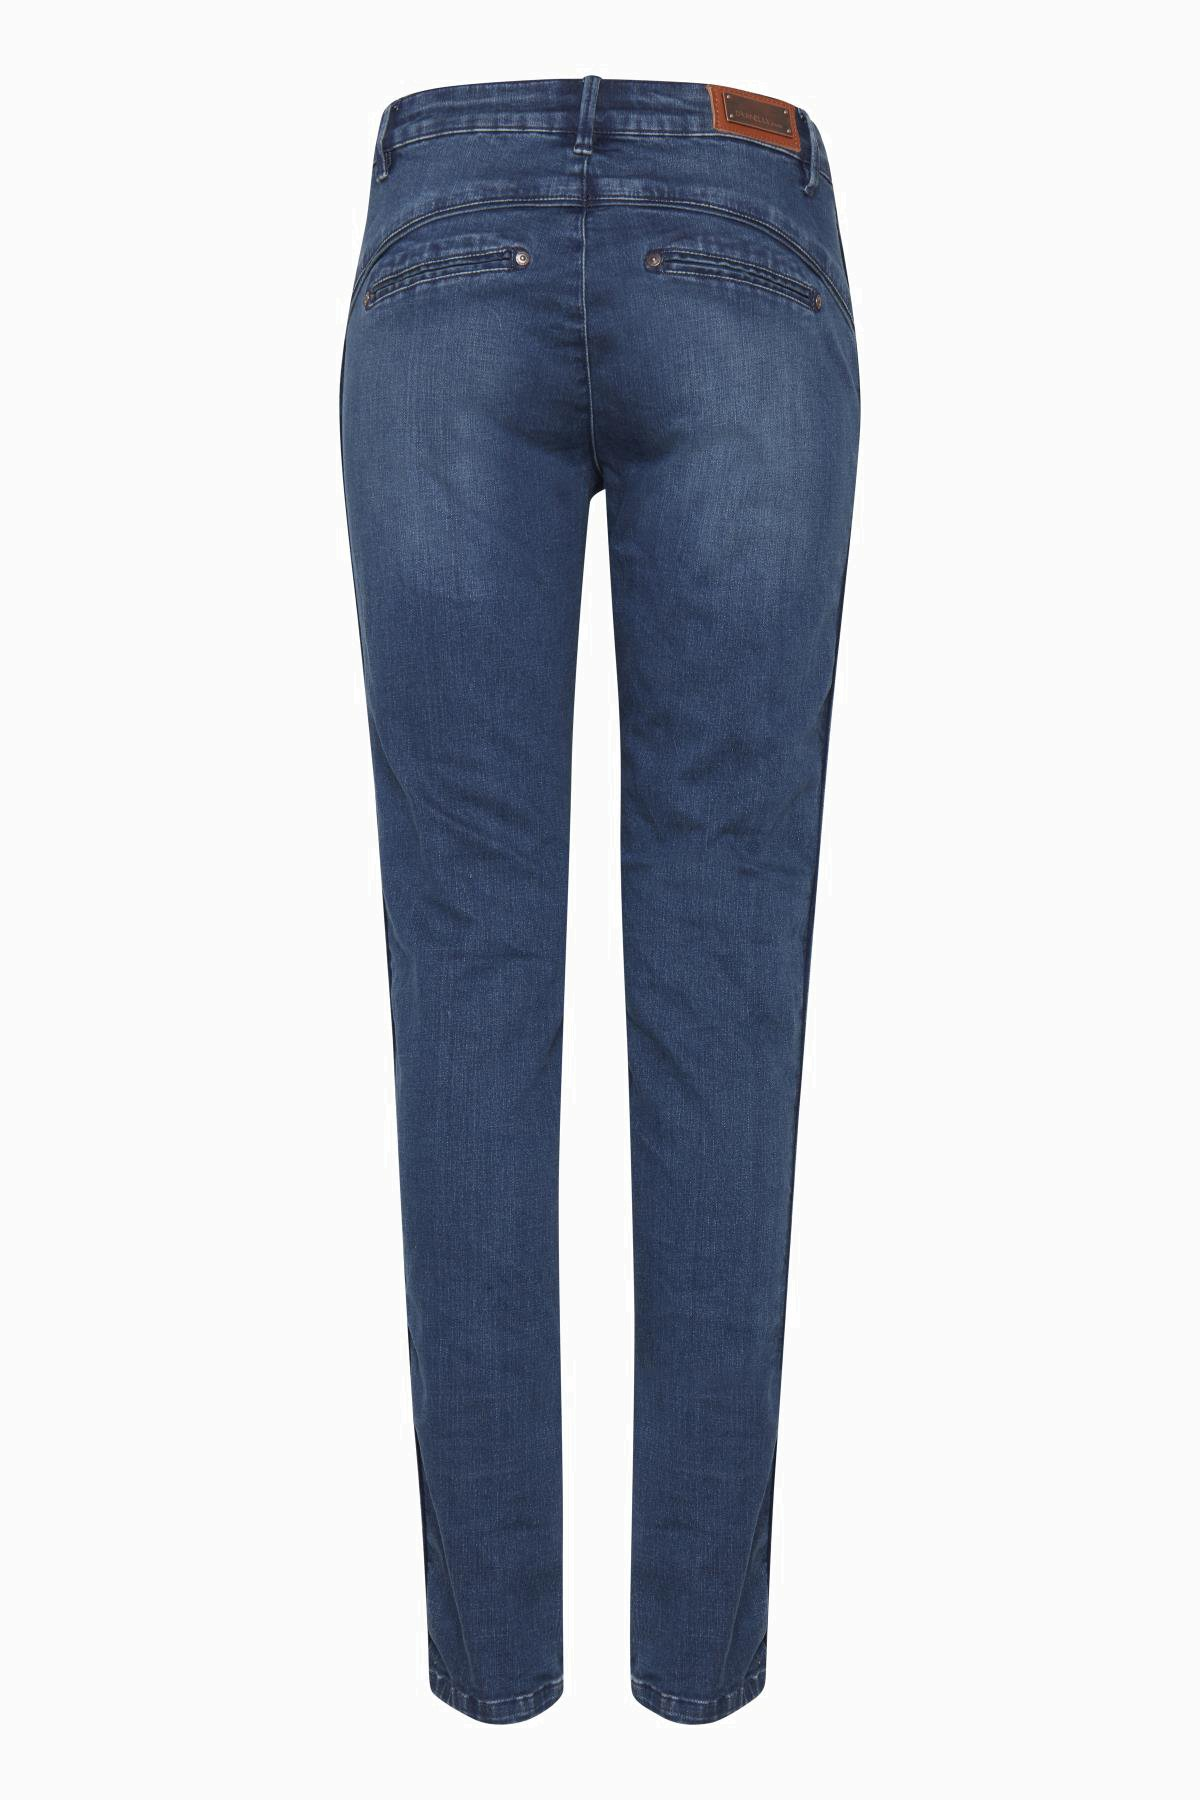 Denimblau Jeans von Dranella – Shoppen Sie Denimblau Jeans ab Gr. 32-46 hier